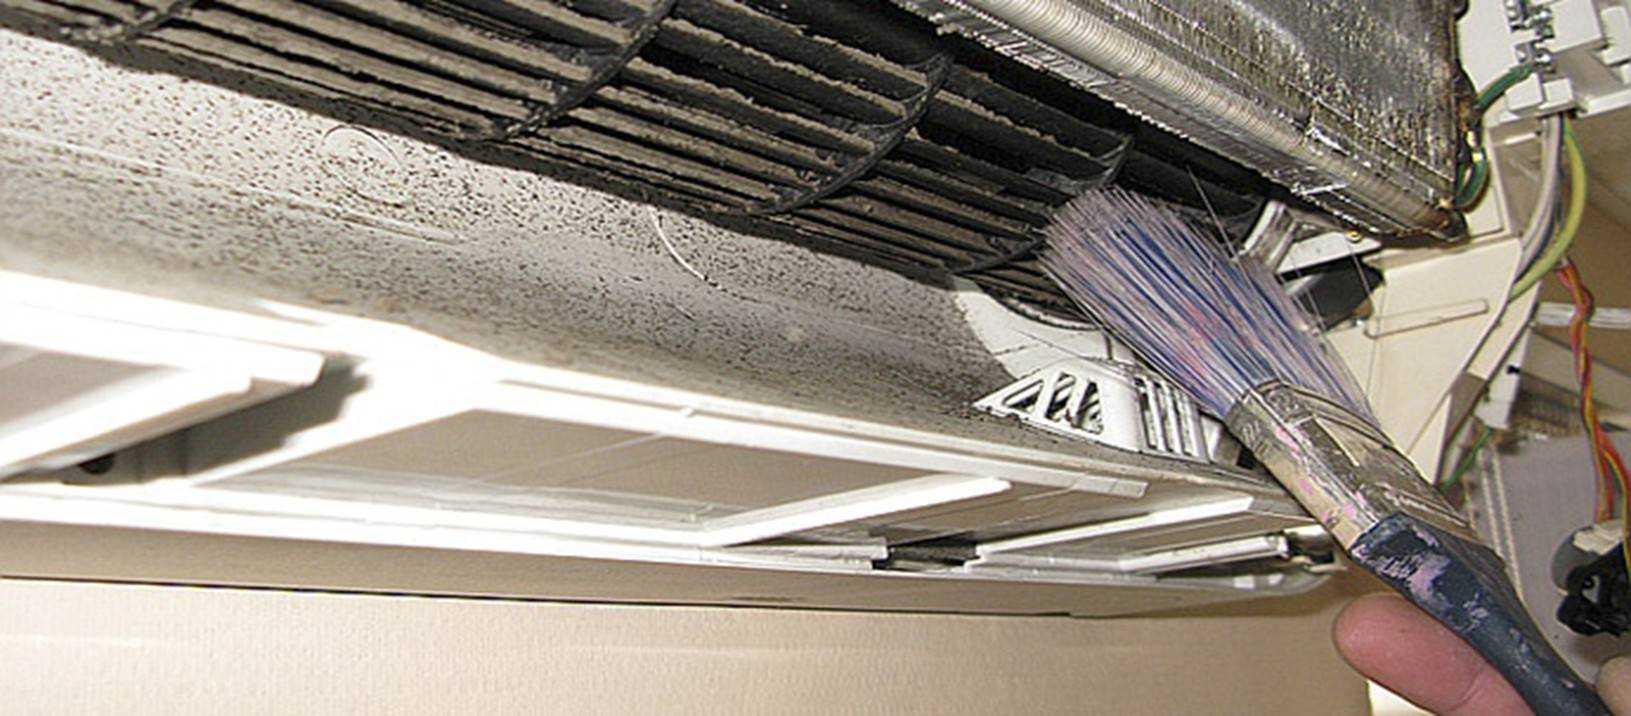 Как почистить кондиционер: внутренний и внешний блок, чем надо чистить